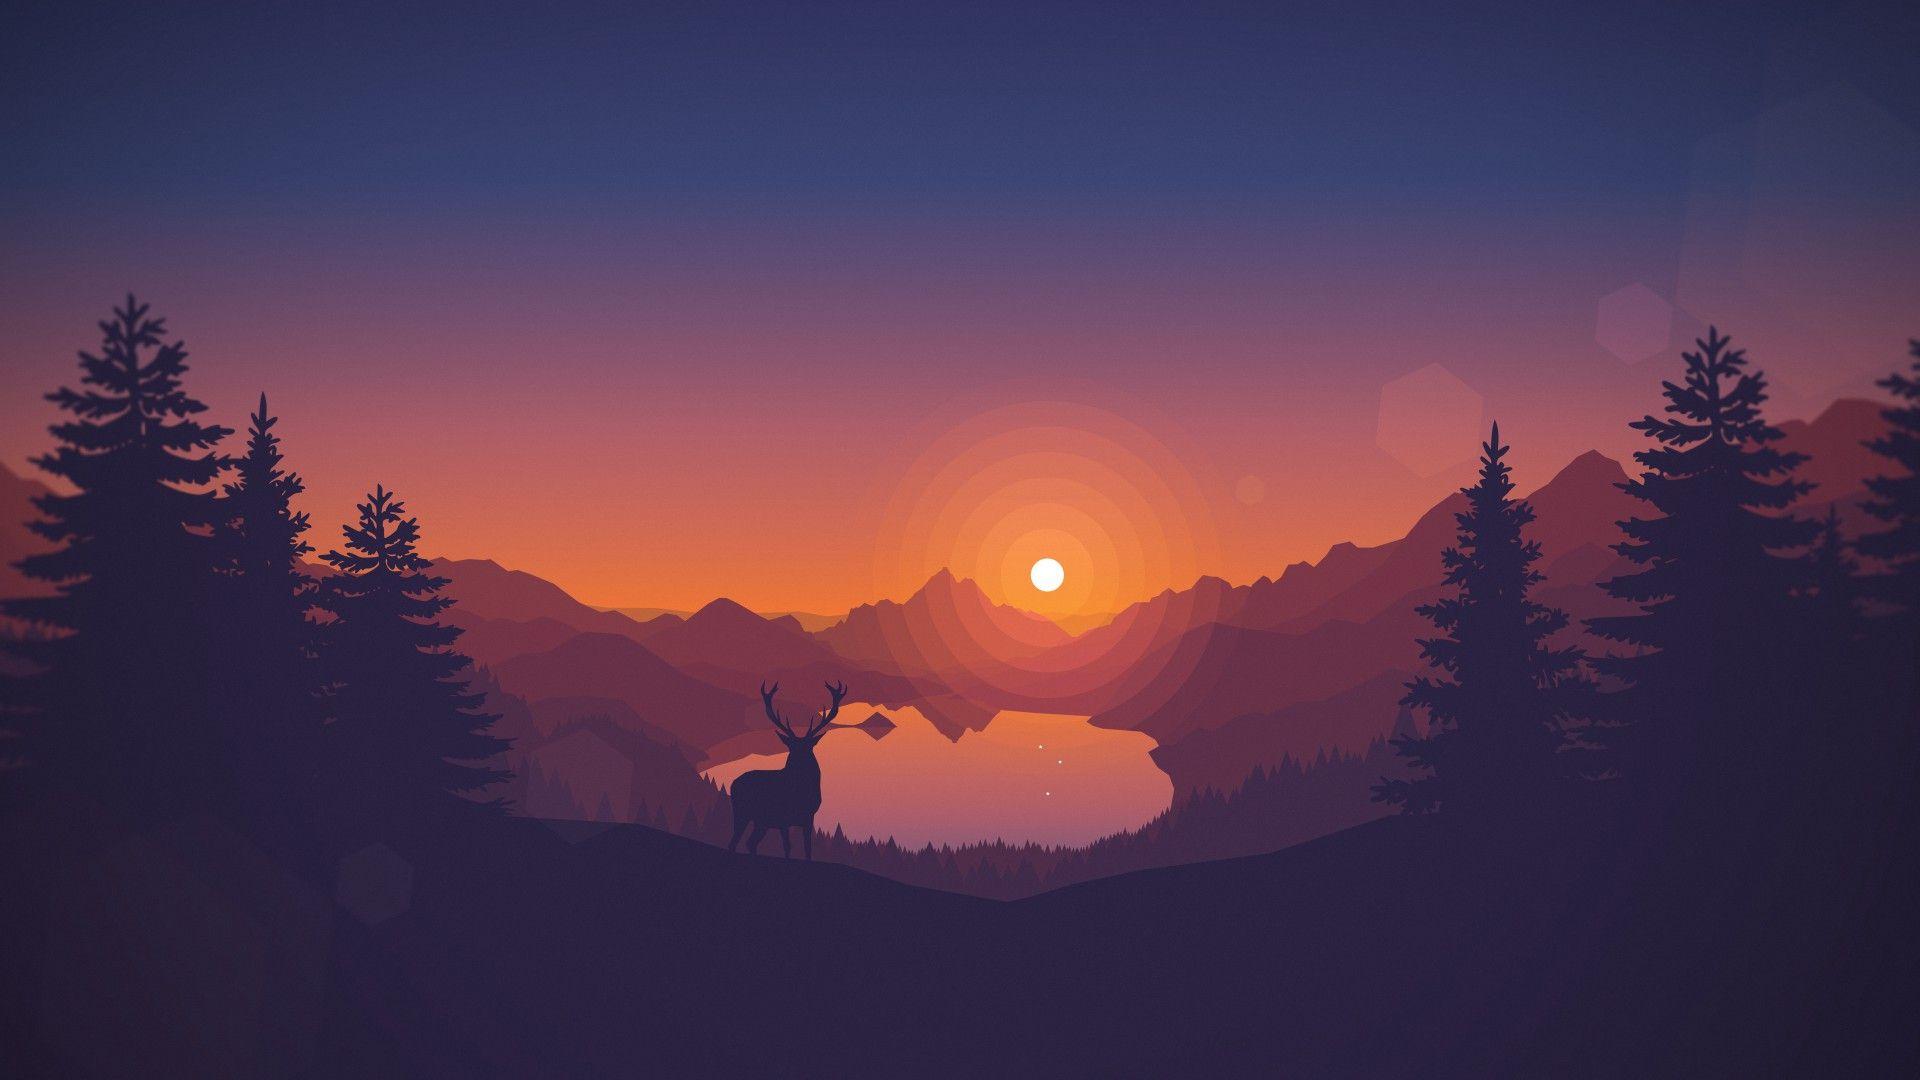 Minimal Sunset Forest Wallpaper Sunset Wallpaper Deer Wallpaper Iphone Wallpaper Hipster